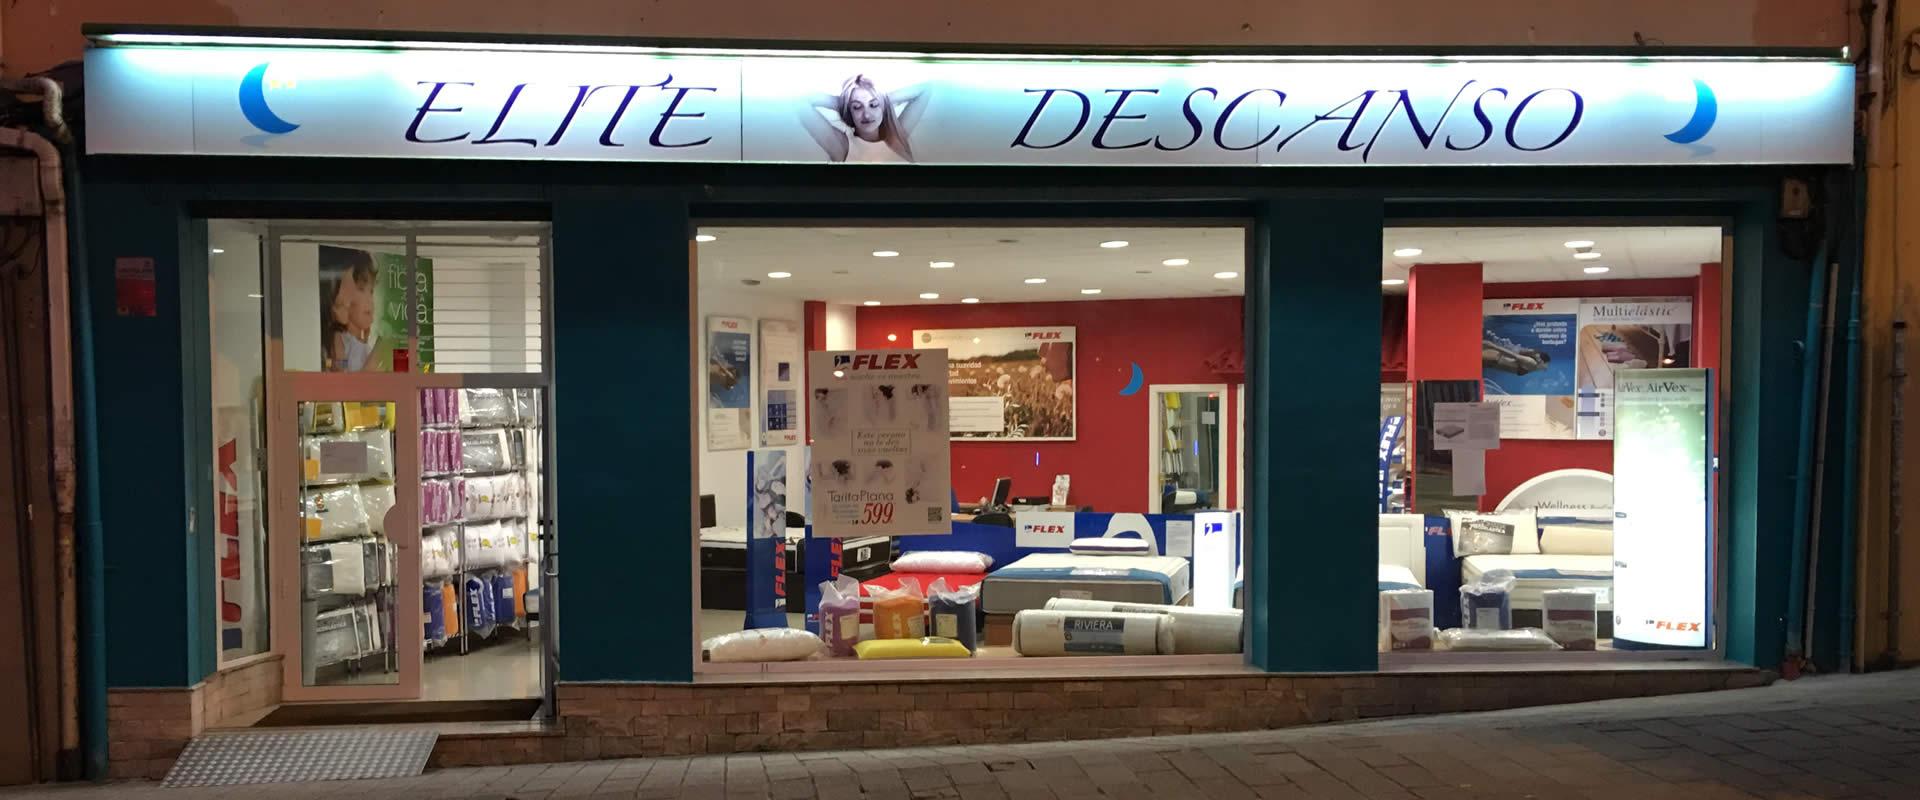 Tienda colchones tienda de colchones en torrevieja with tienda colchones granfort jan with - Tiendas de muebles en madrid sur ...